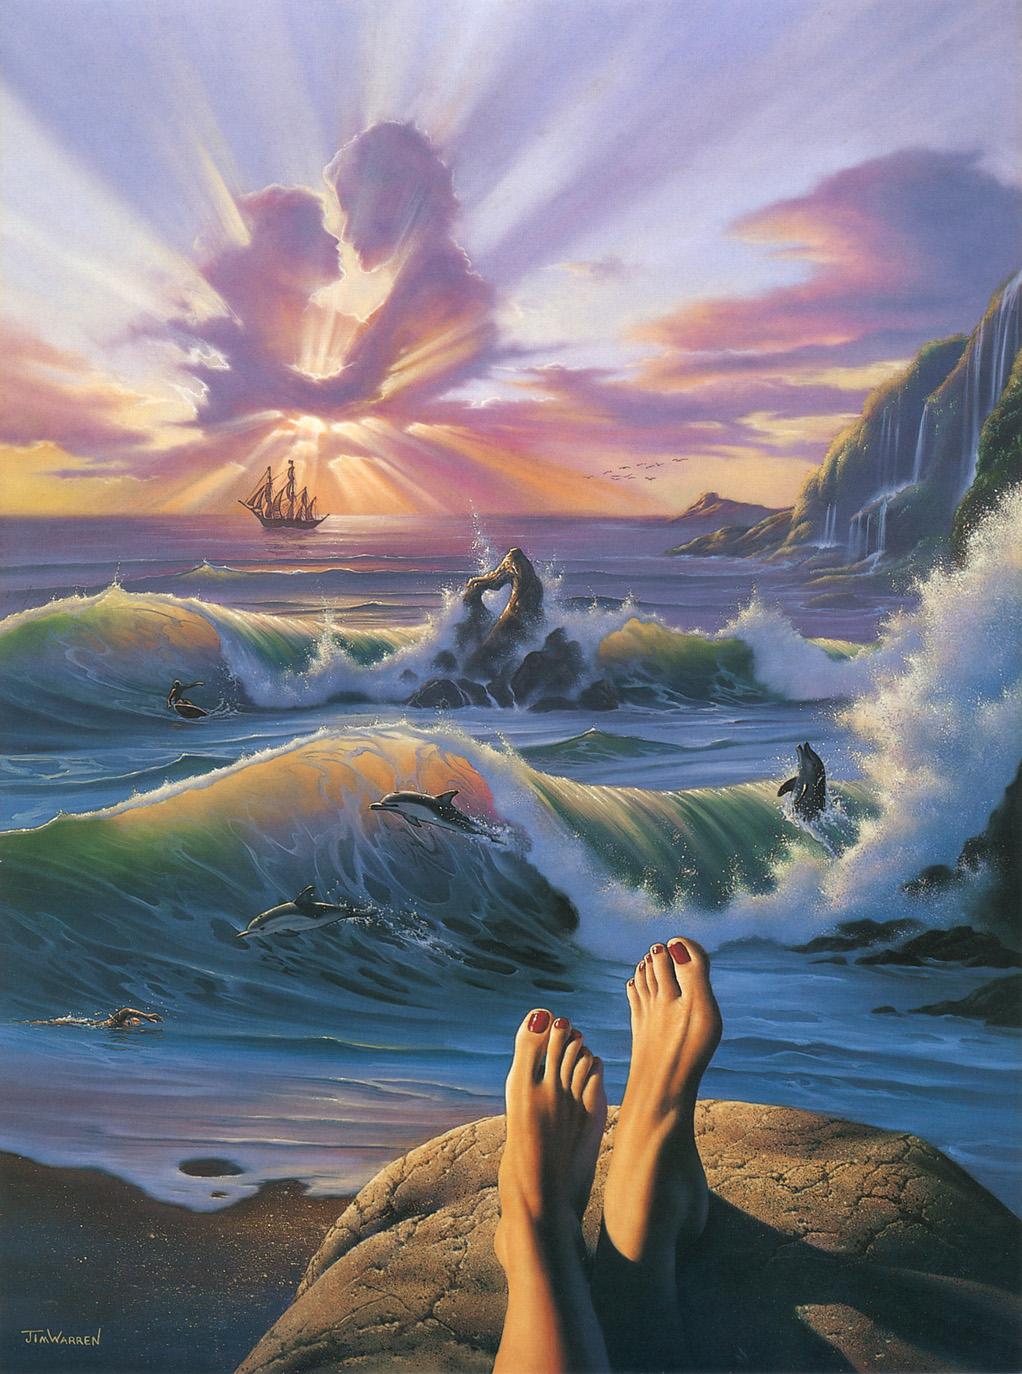 Jim Warren   Surreal art painting, Surreal art, Surealism art